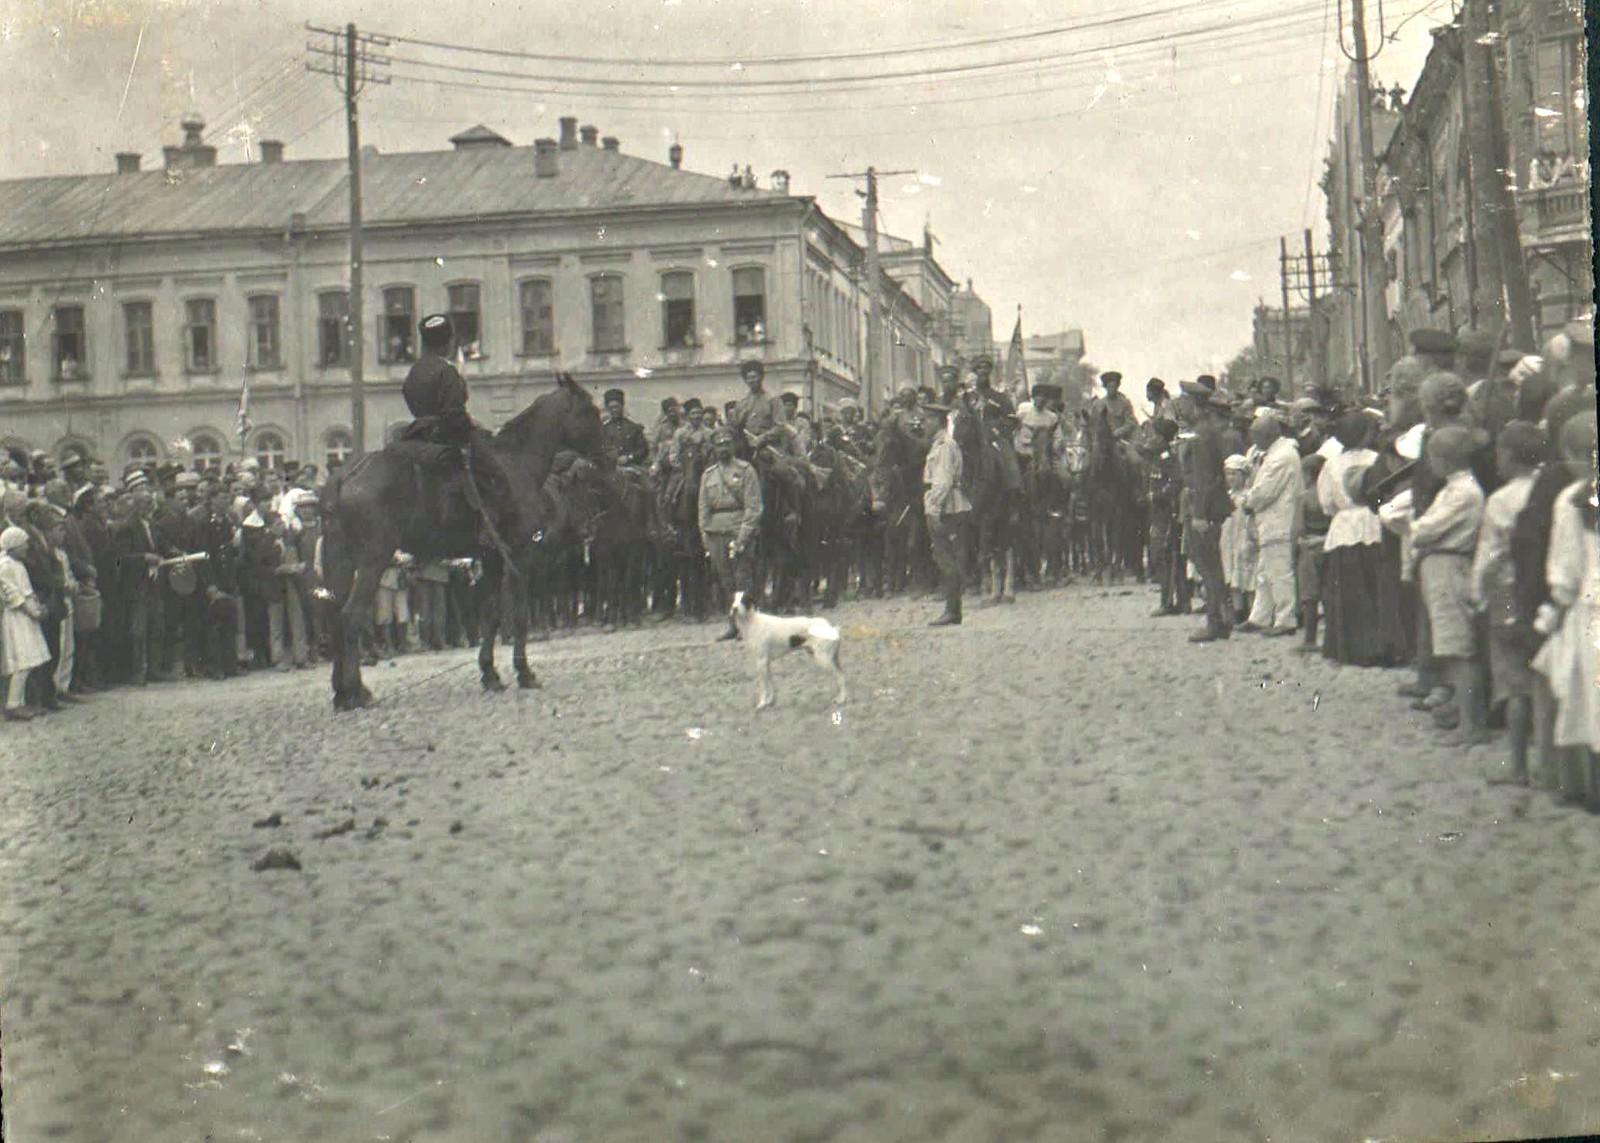 168. 1919. Чествование генерала Кутепова в Харькове